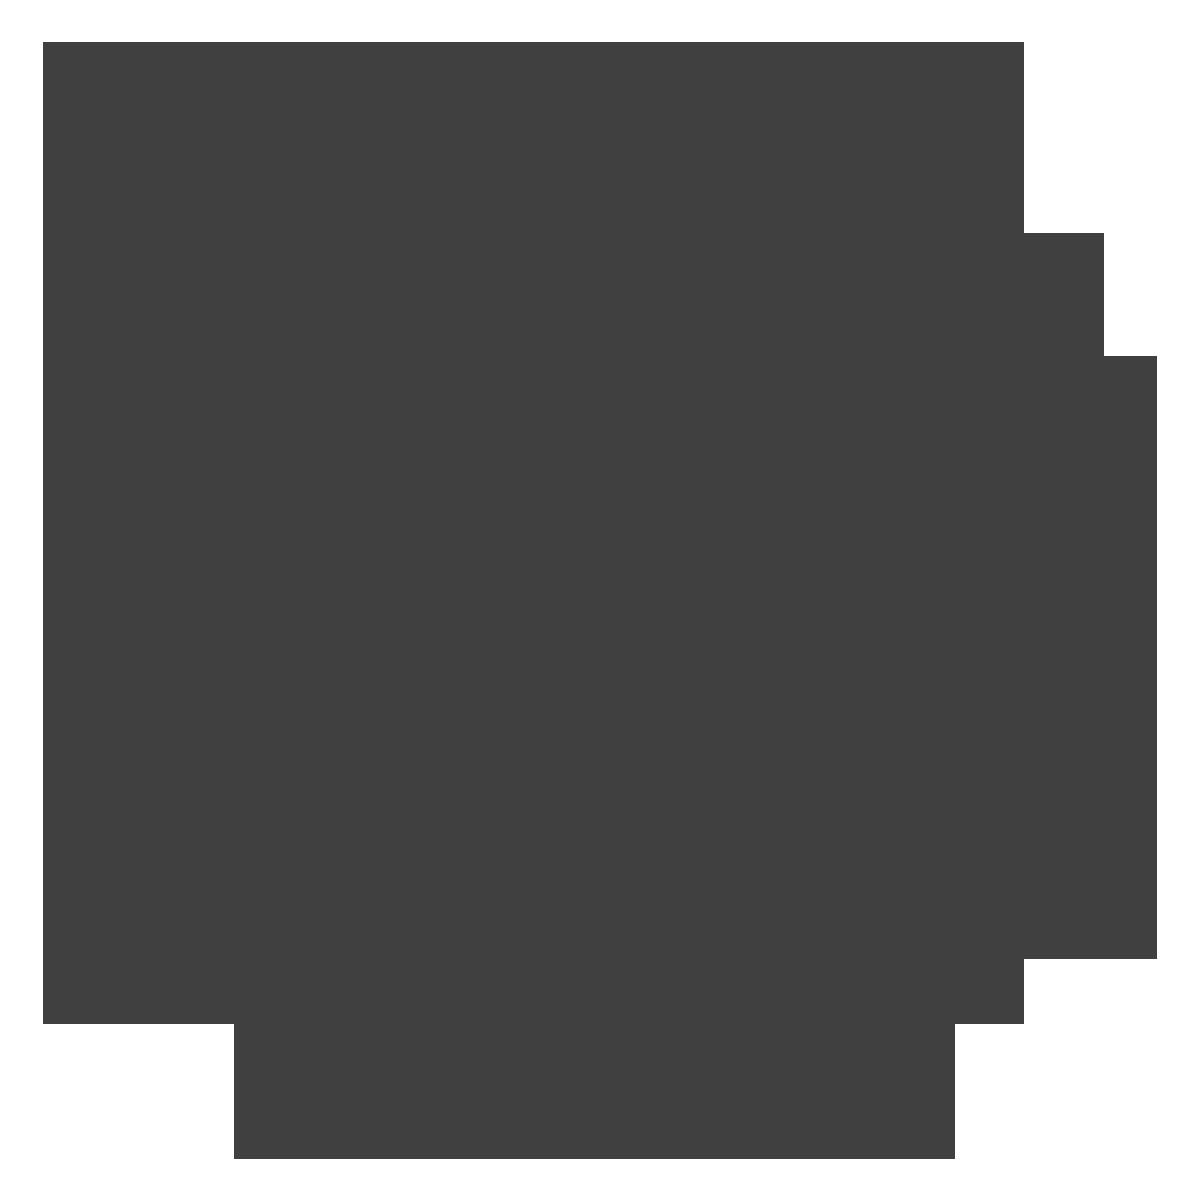 canapescatering menus